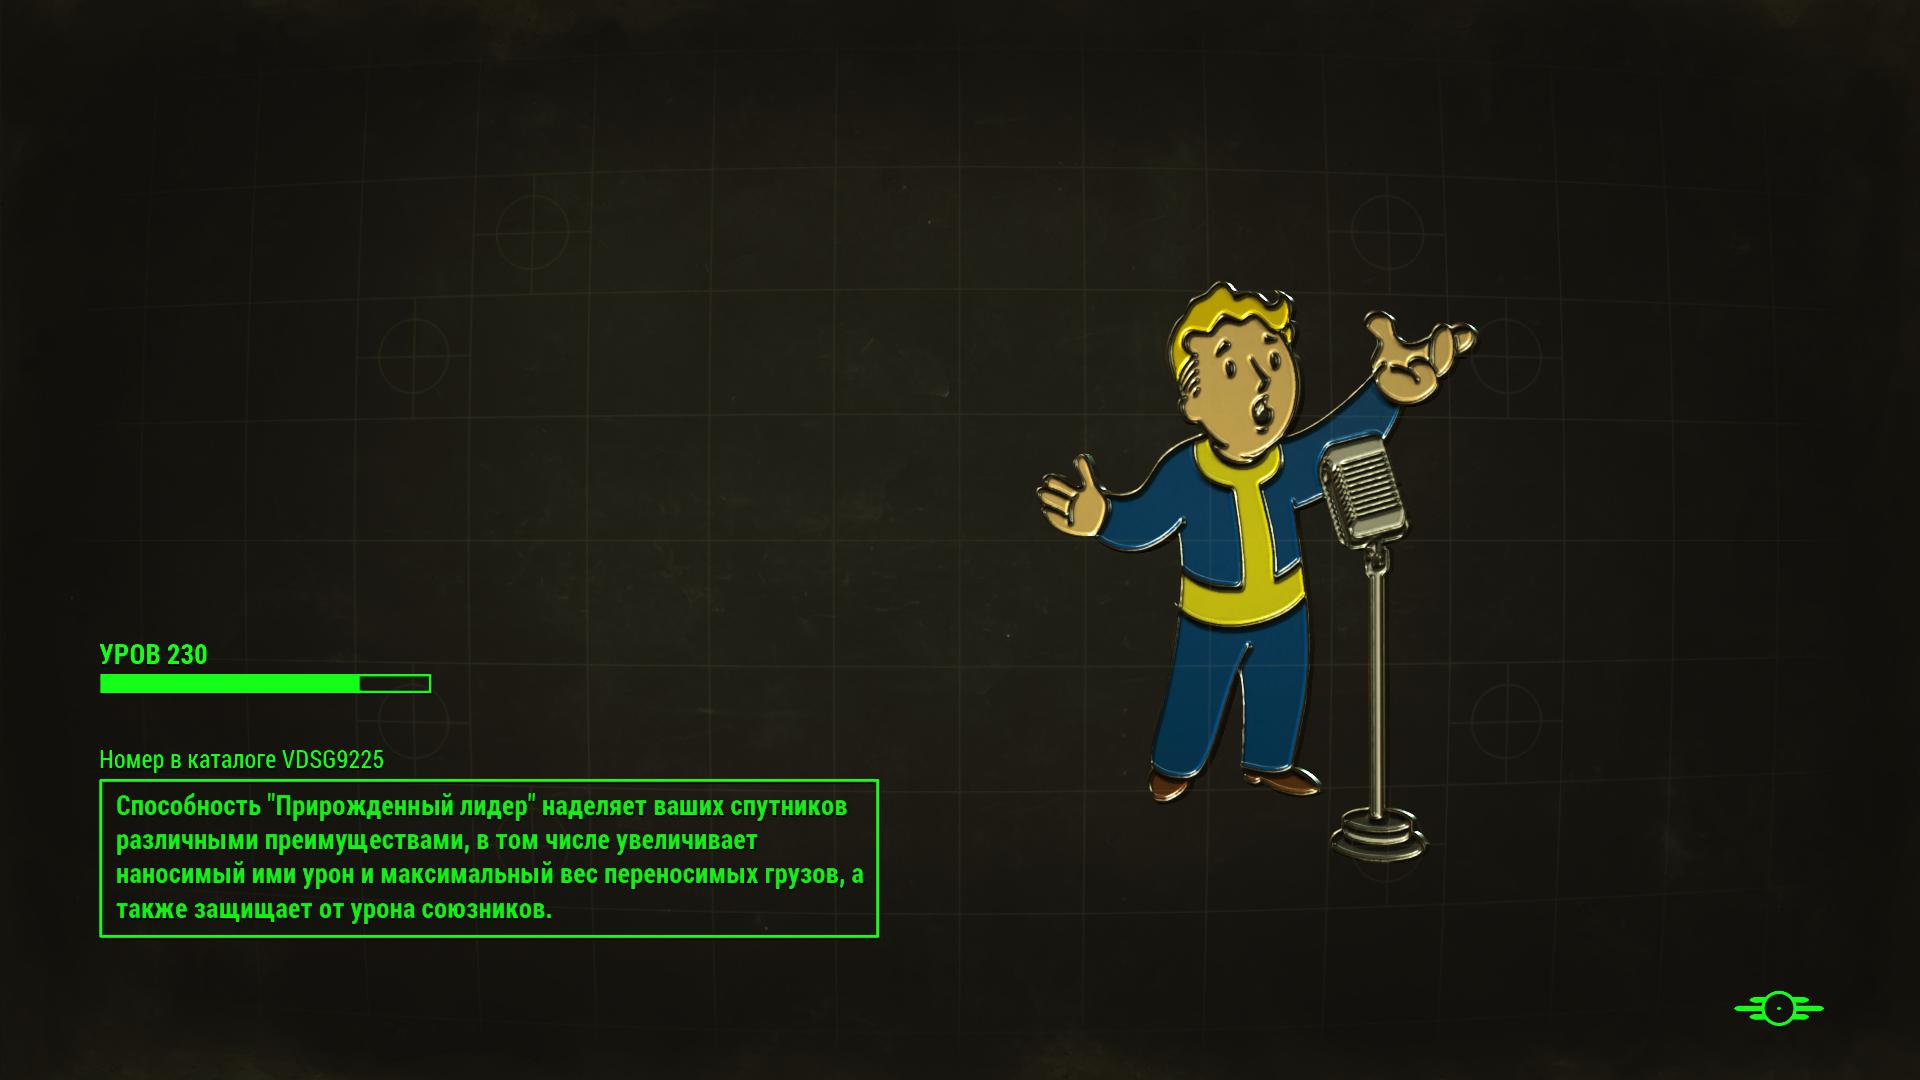 Прирождённый лидер (Fallout 4)